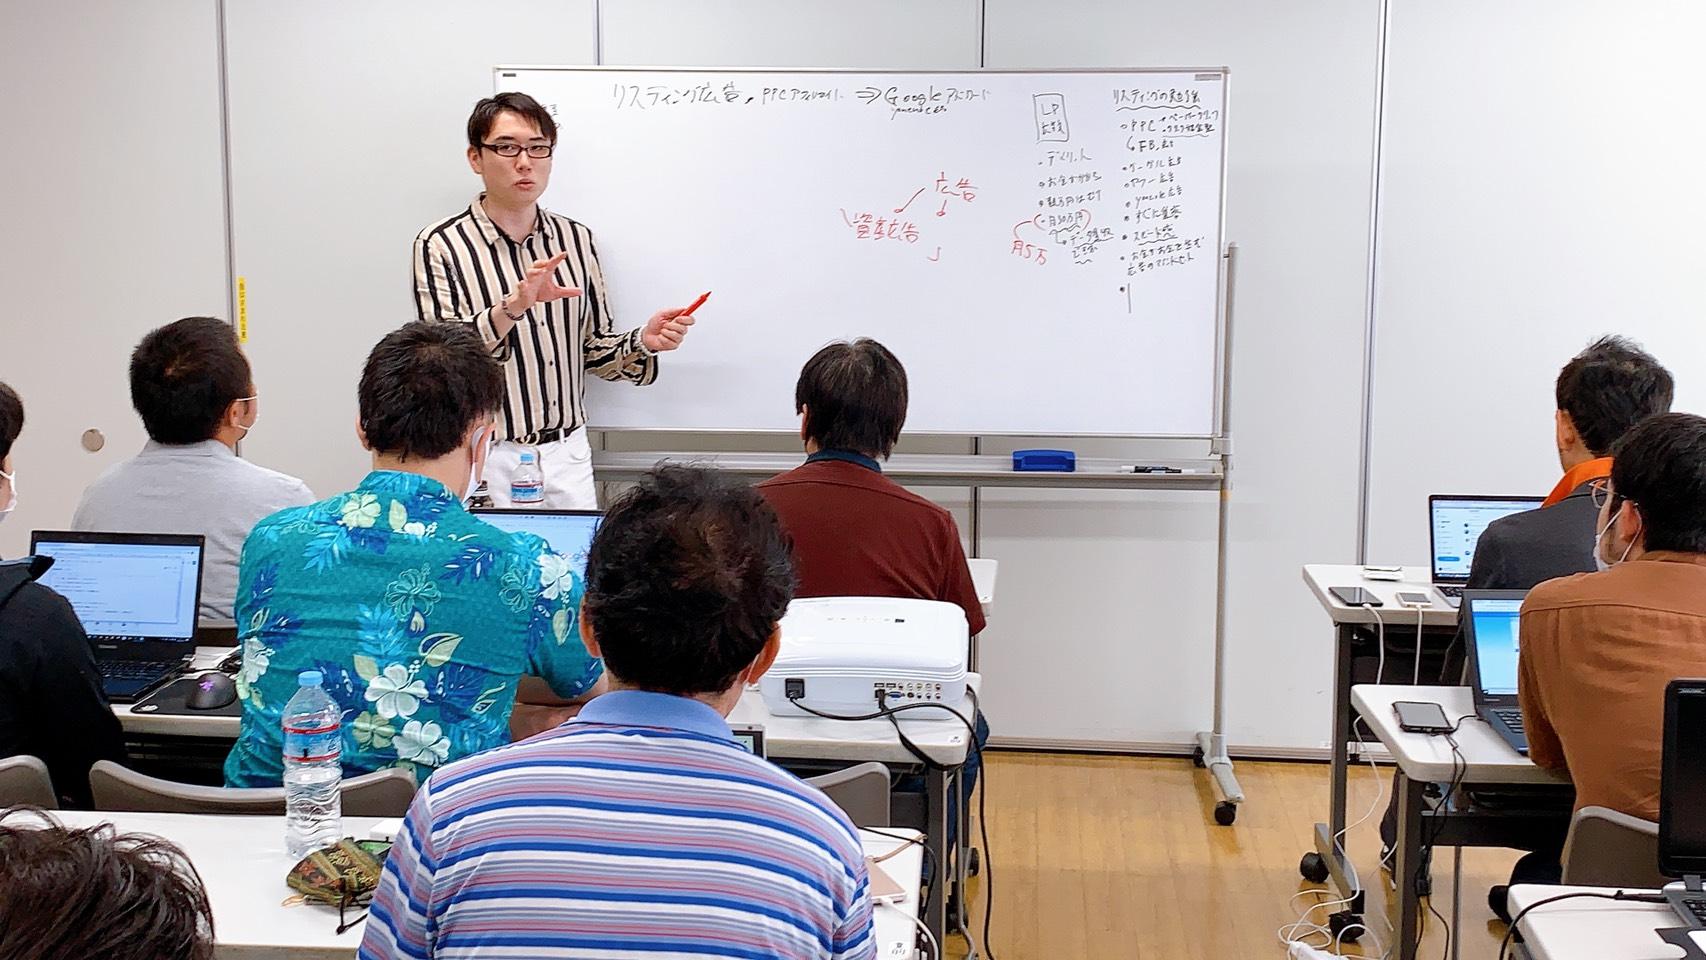 コラムを書き続ける&コラム実績=信頼力を上げるテクニック